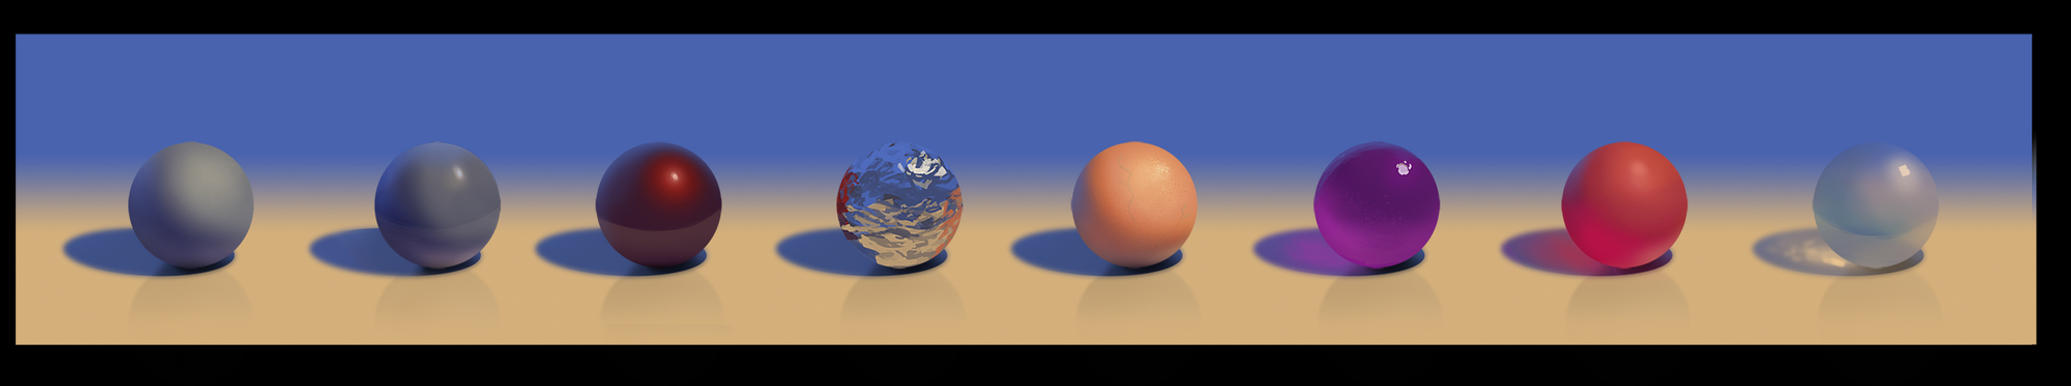 Moar Balls by DanielAraya